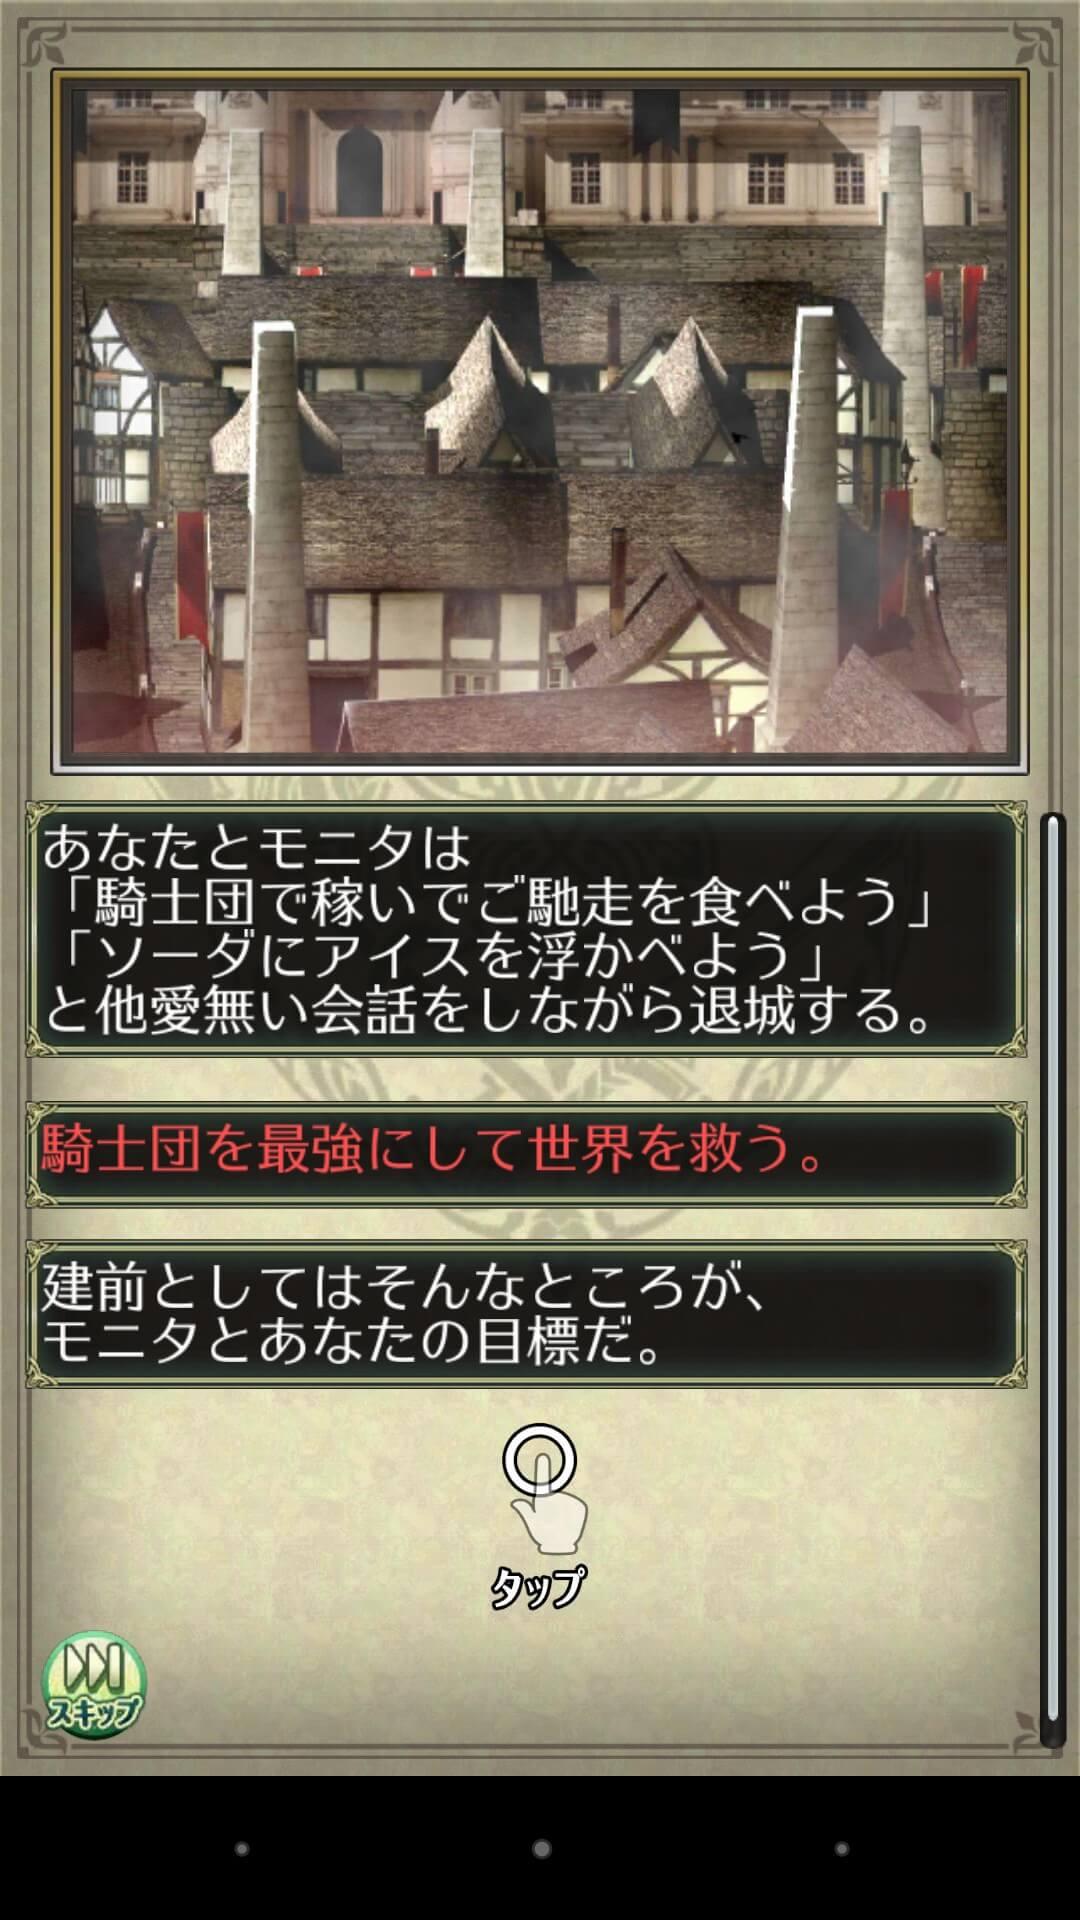 城下で主人公とモニタが他愛のない話をしている画面です。